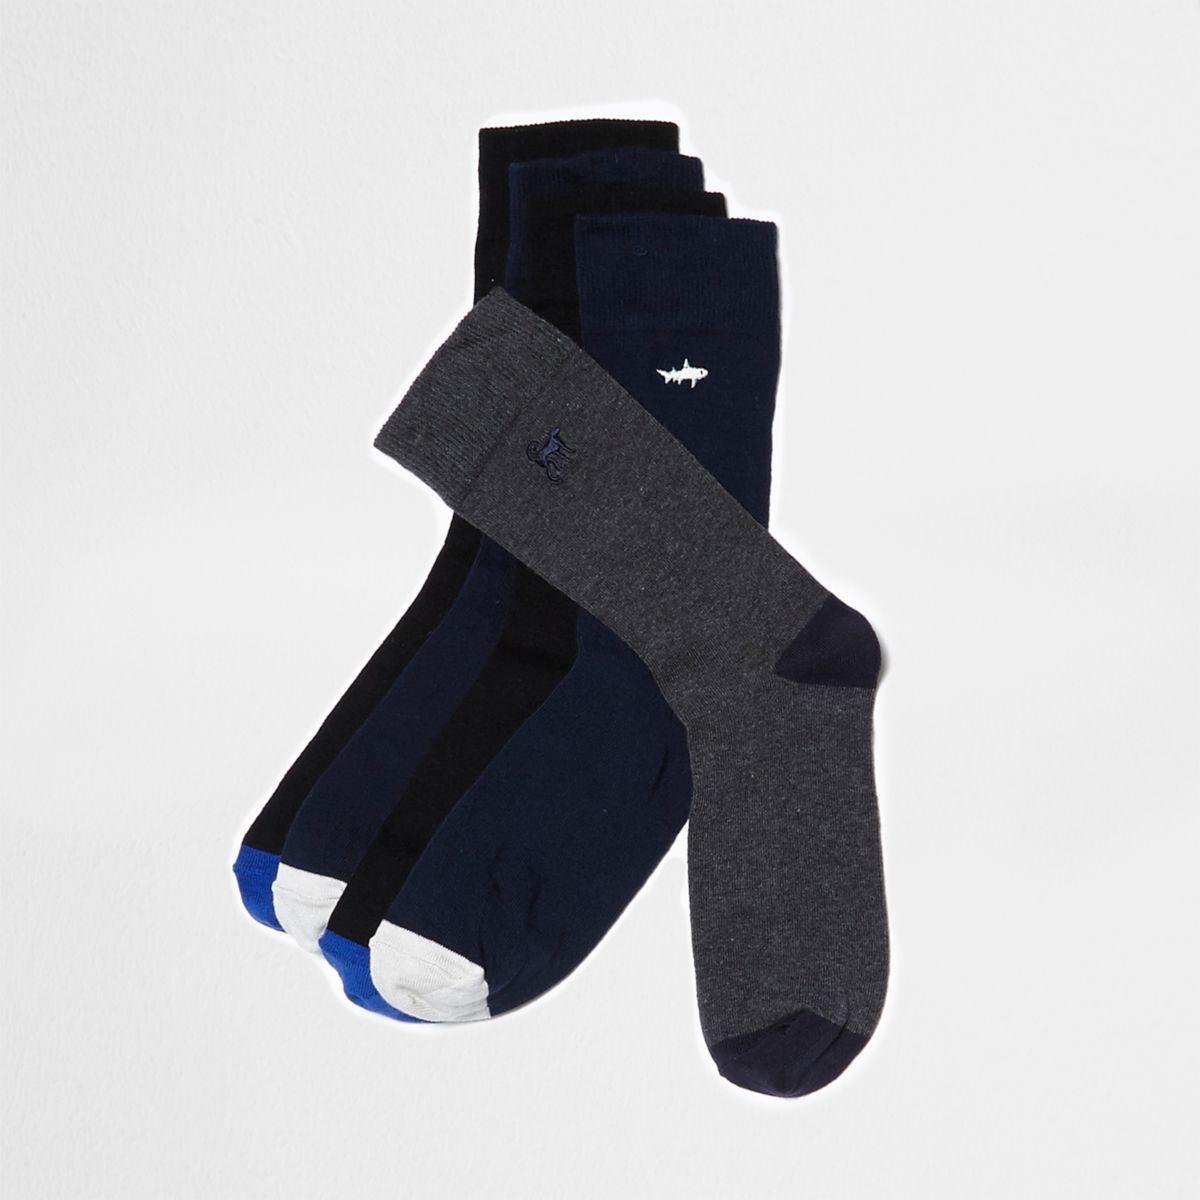 Lot de chaussettes bleues motif animal brodé